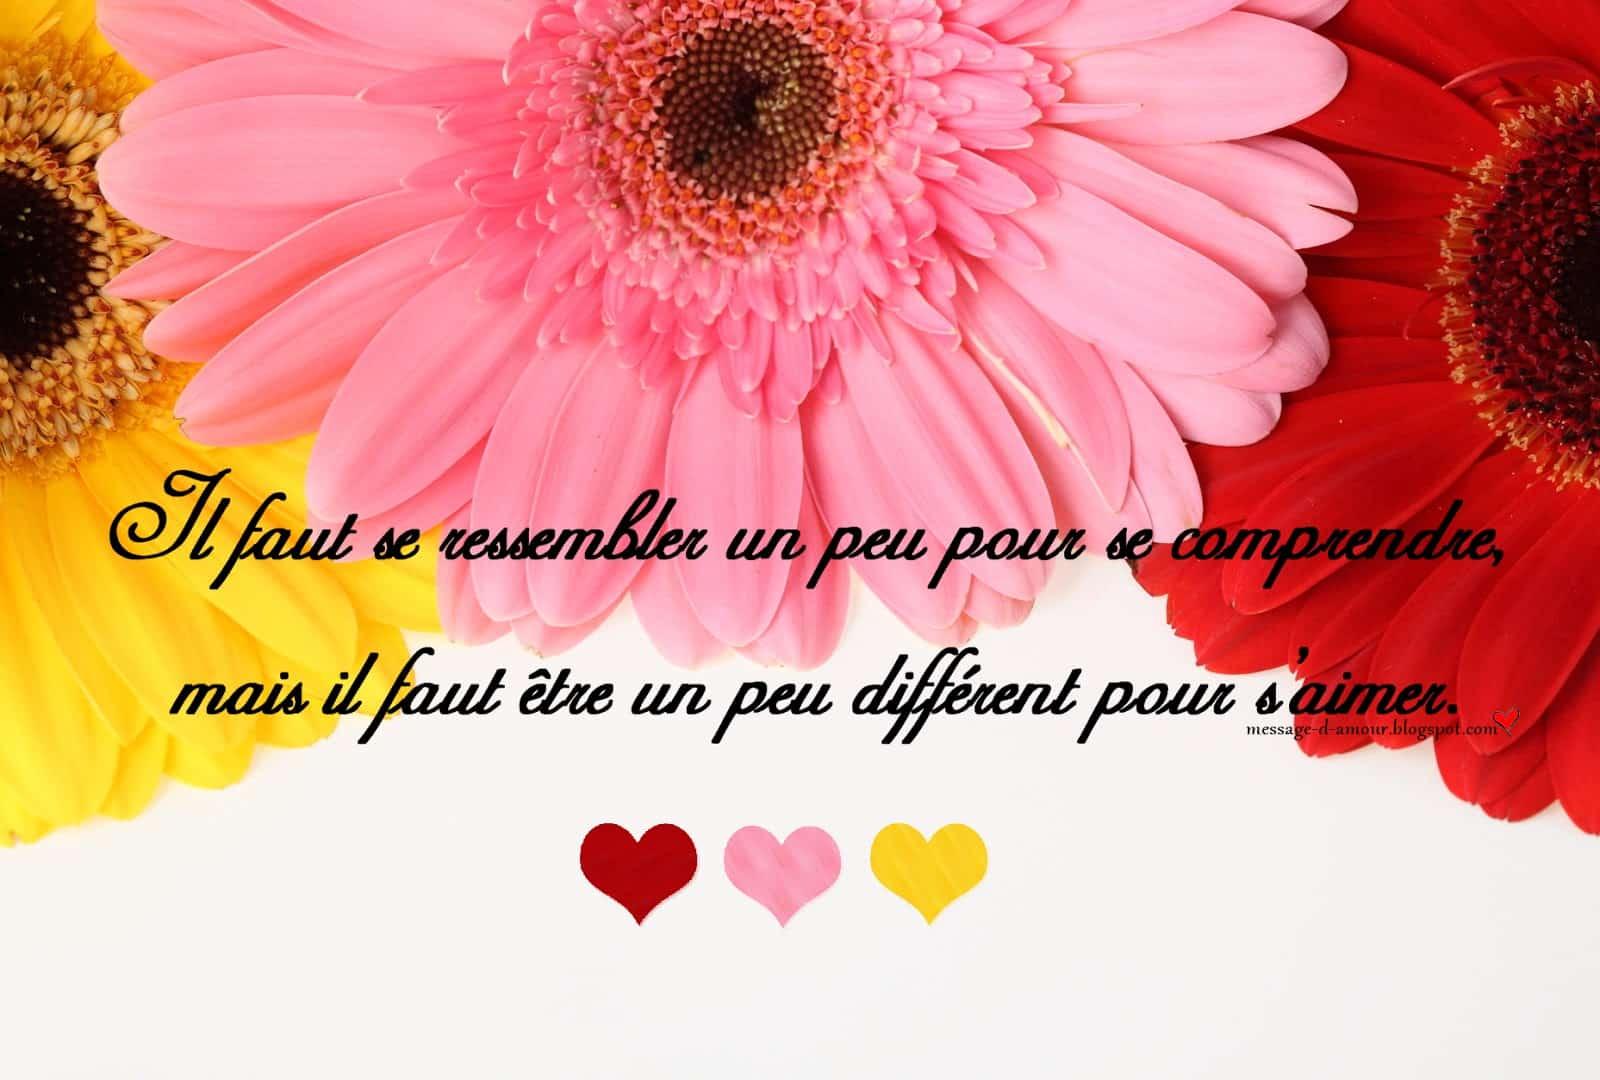 citations d'amour ( jolies cartes) - message d'amour